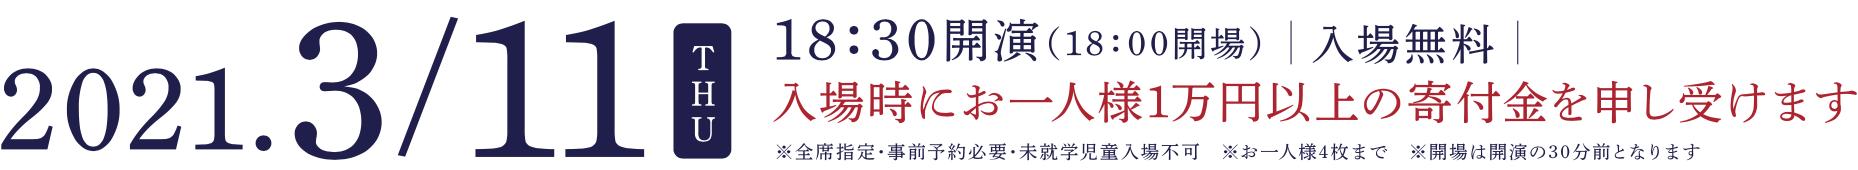 3.11チャリティコンサート